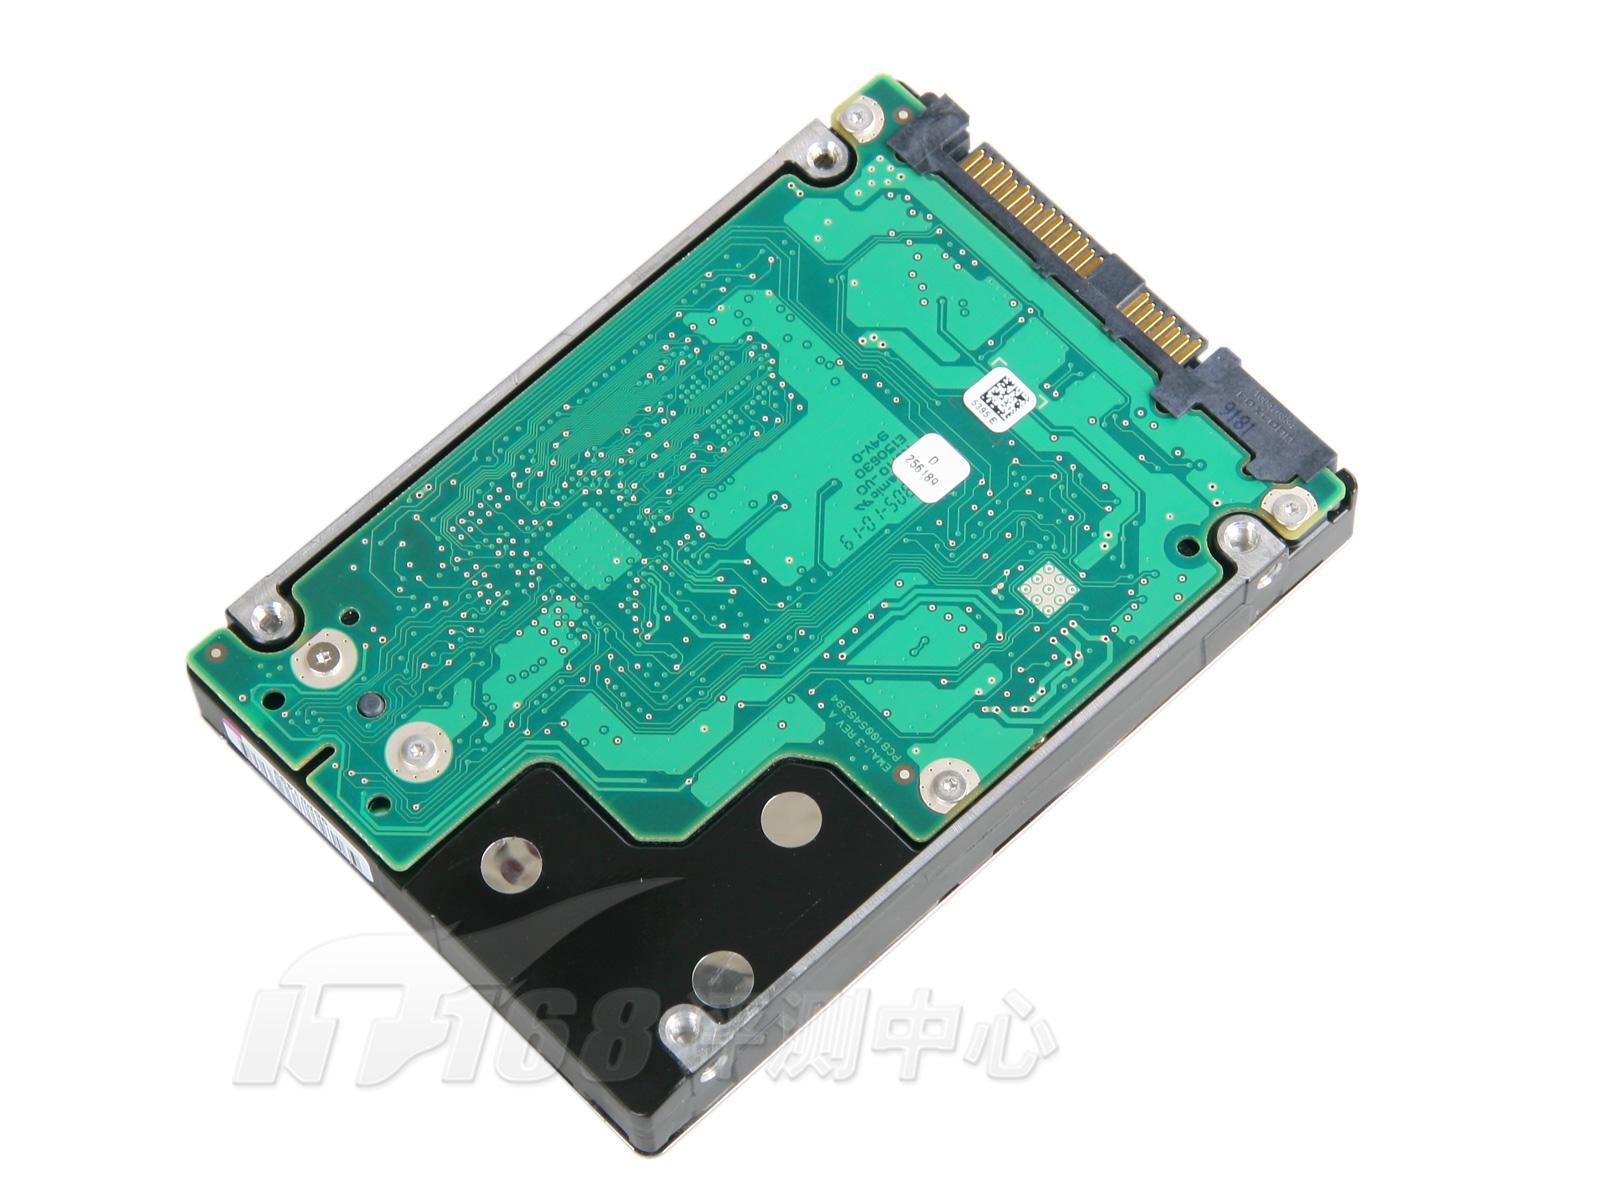 """5""""硬盘的盘体比较小,因此显得电路板面积比较大,几乎覆盖了整个硬盘"""